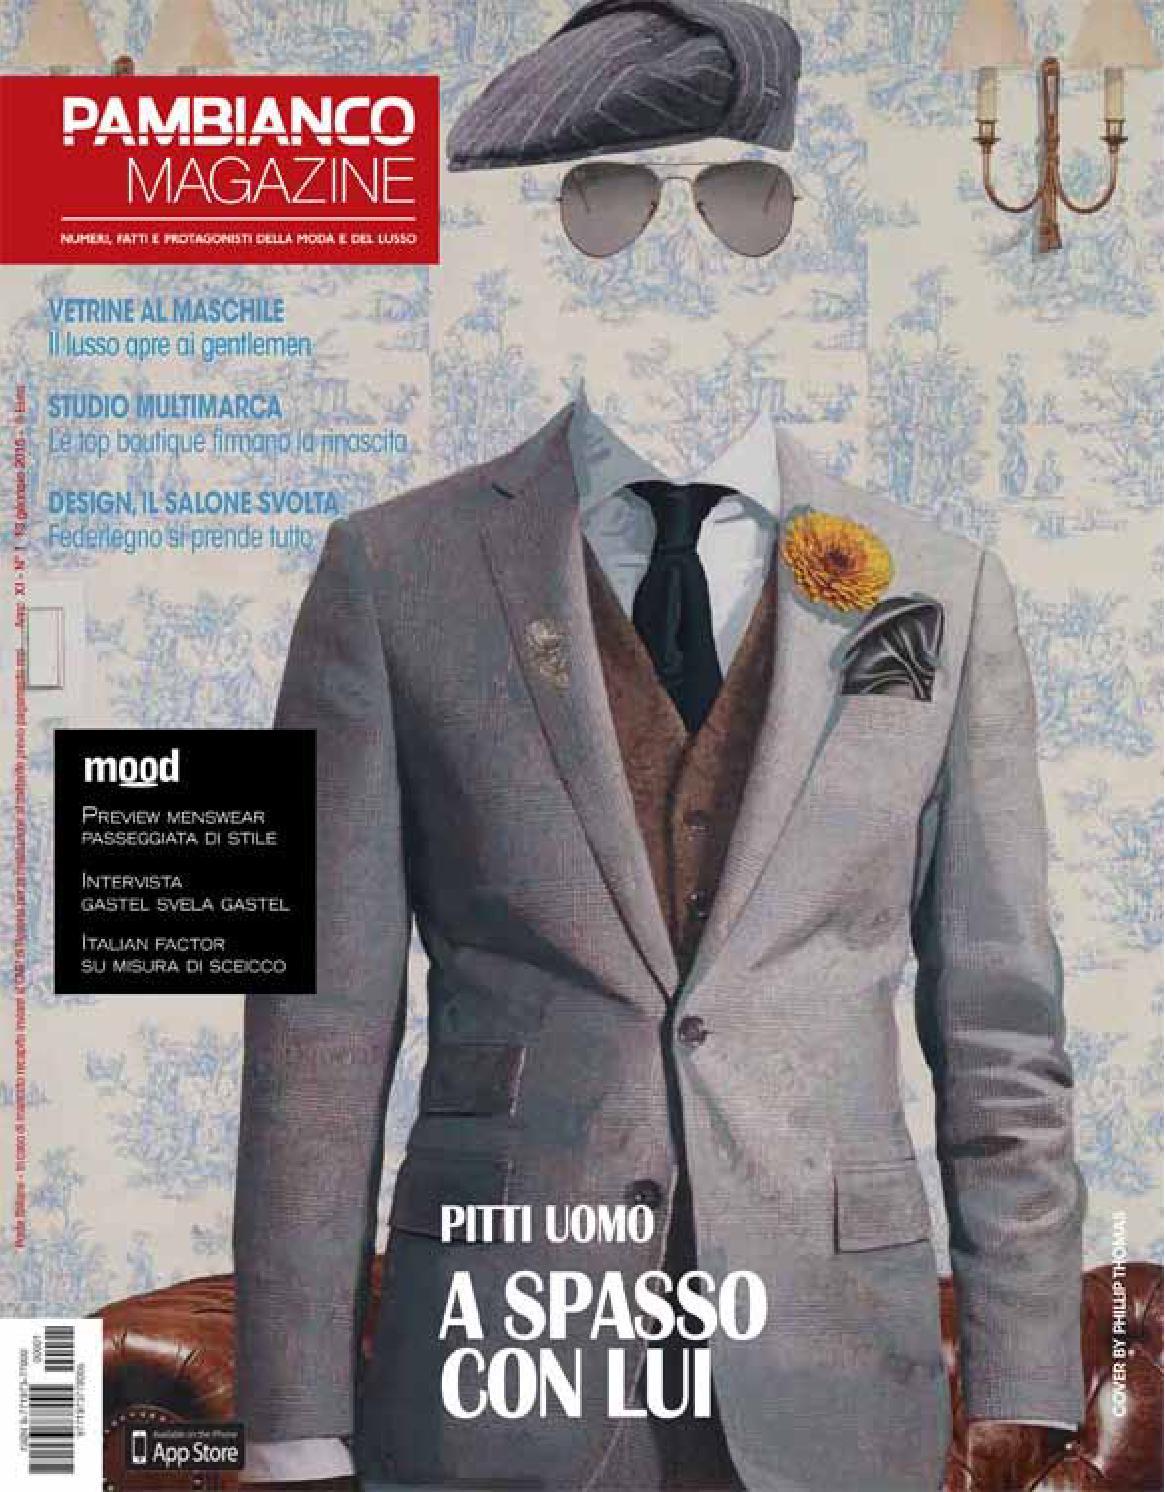 0bfcbe34d8 Pambianco Magazine N.1 XI by Pambianconews - issuu